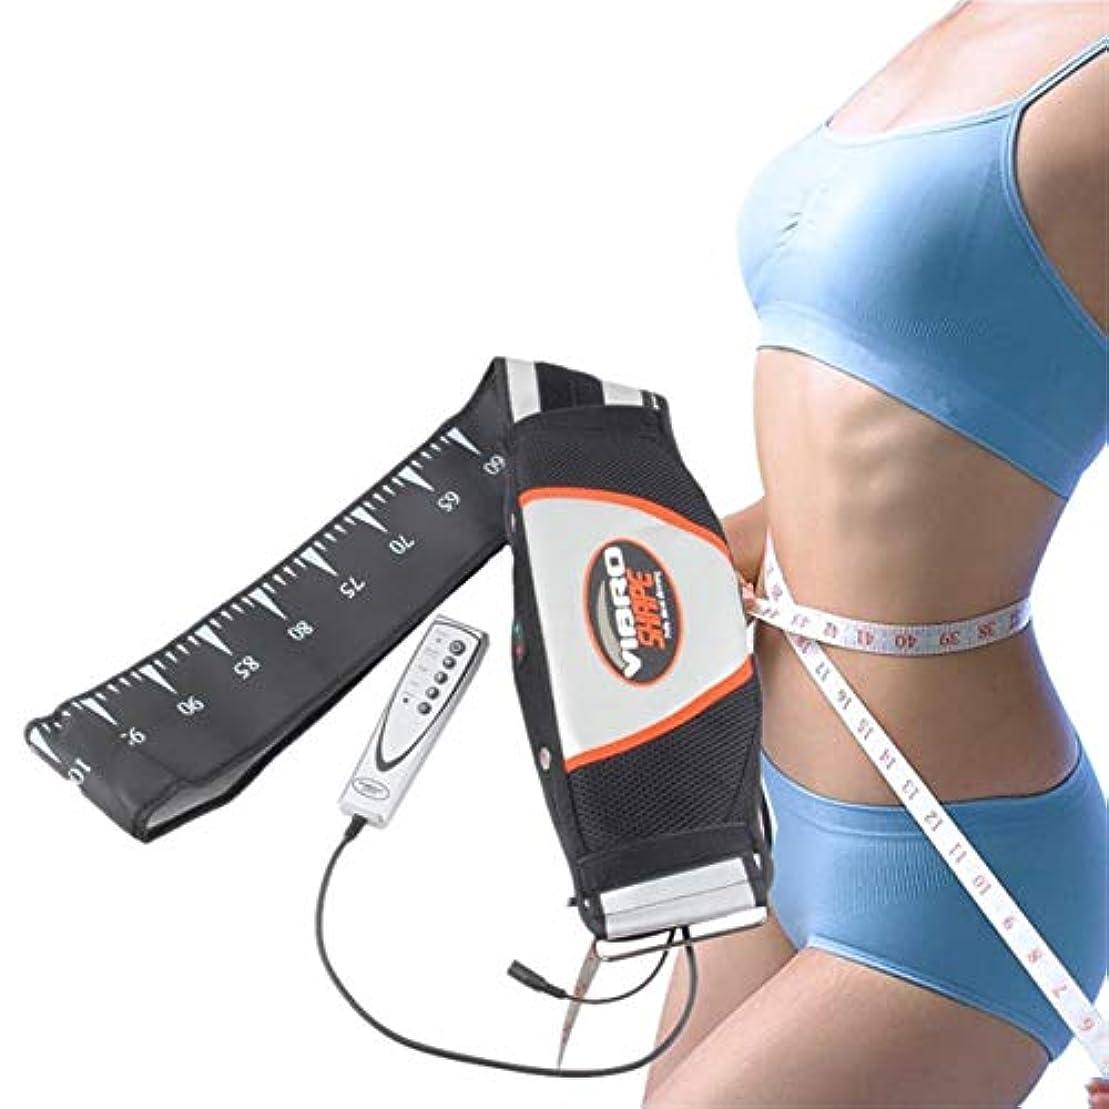 連合道徳教育かけがえのないPowerful Electric Vibrating Slimming Belt Vibration Massage Belt Relax Tone Vibrating Fat Burning Weight Losing...